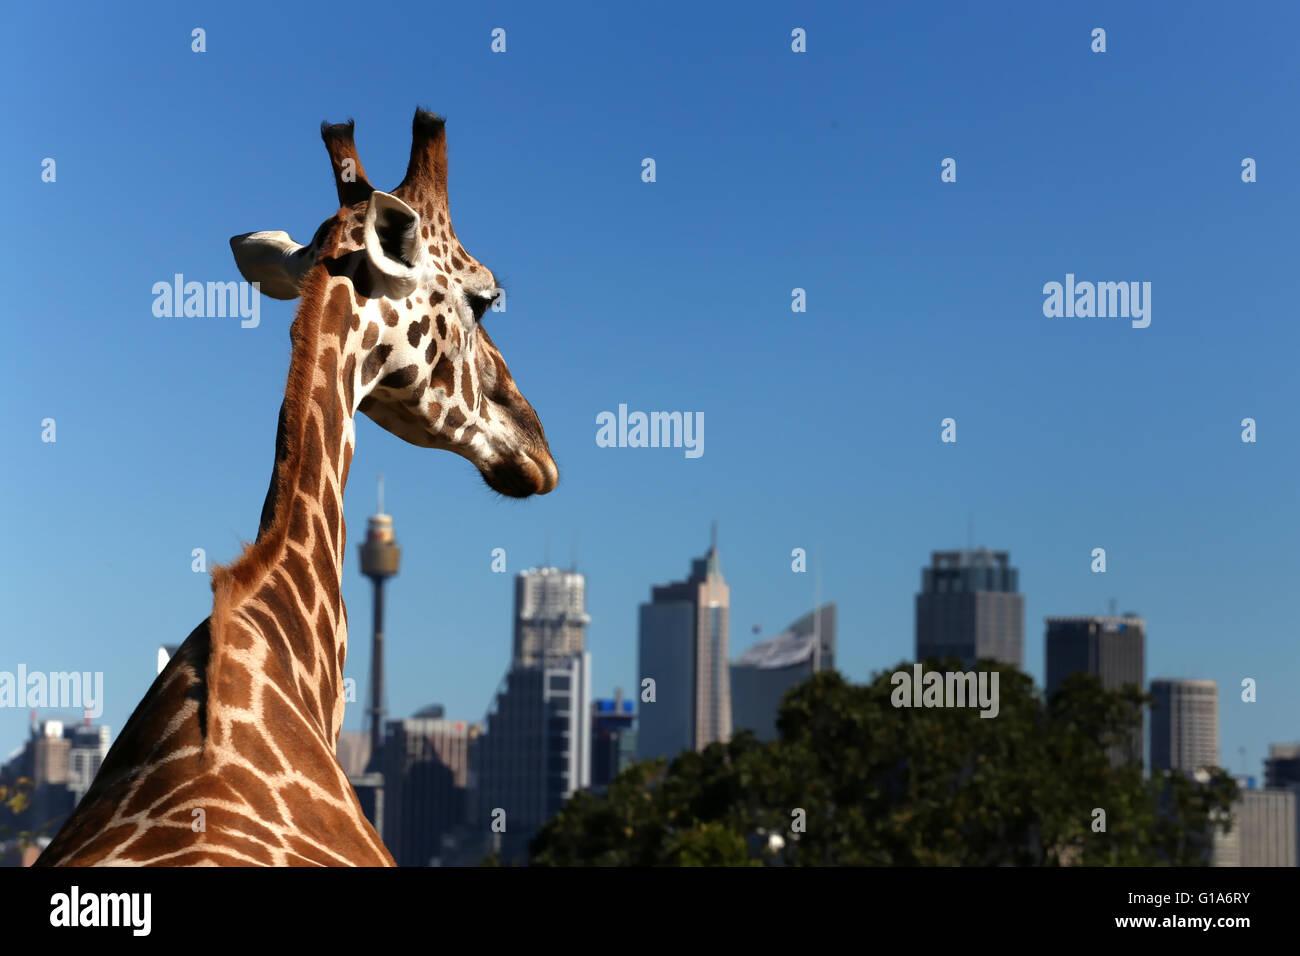 Girafe dans le port de Sydney en direction de la ville Photo Stock